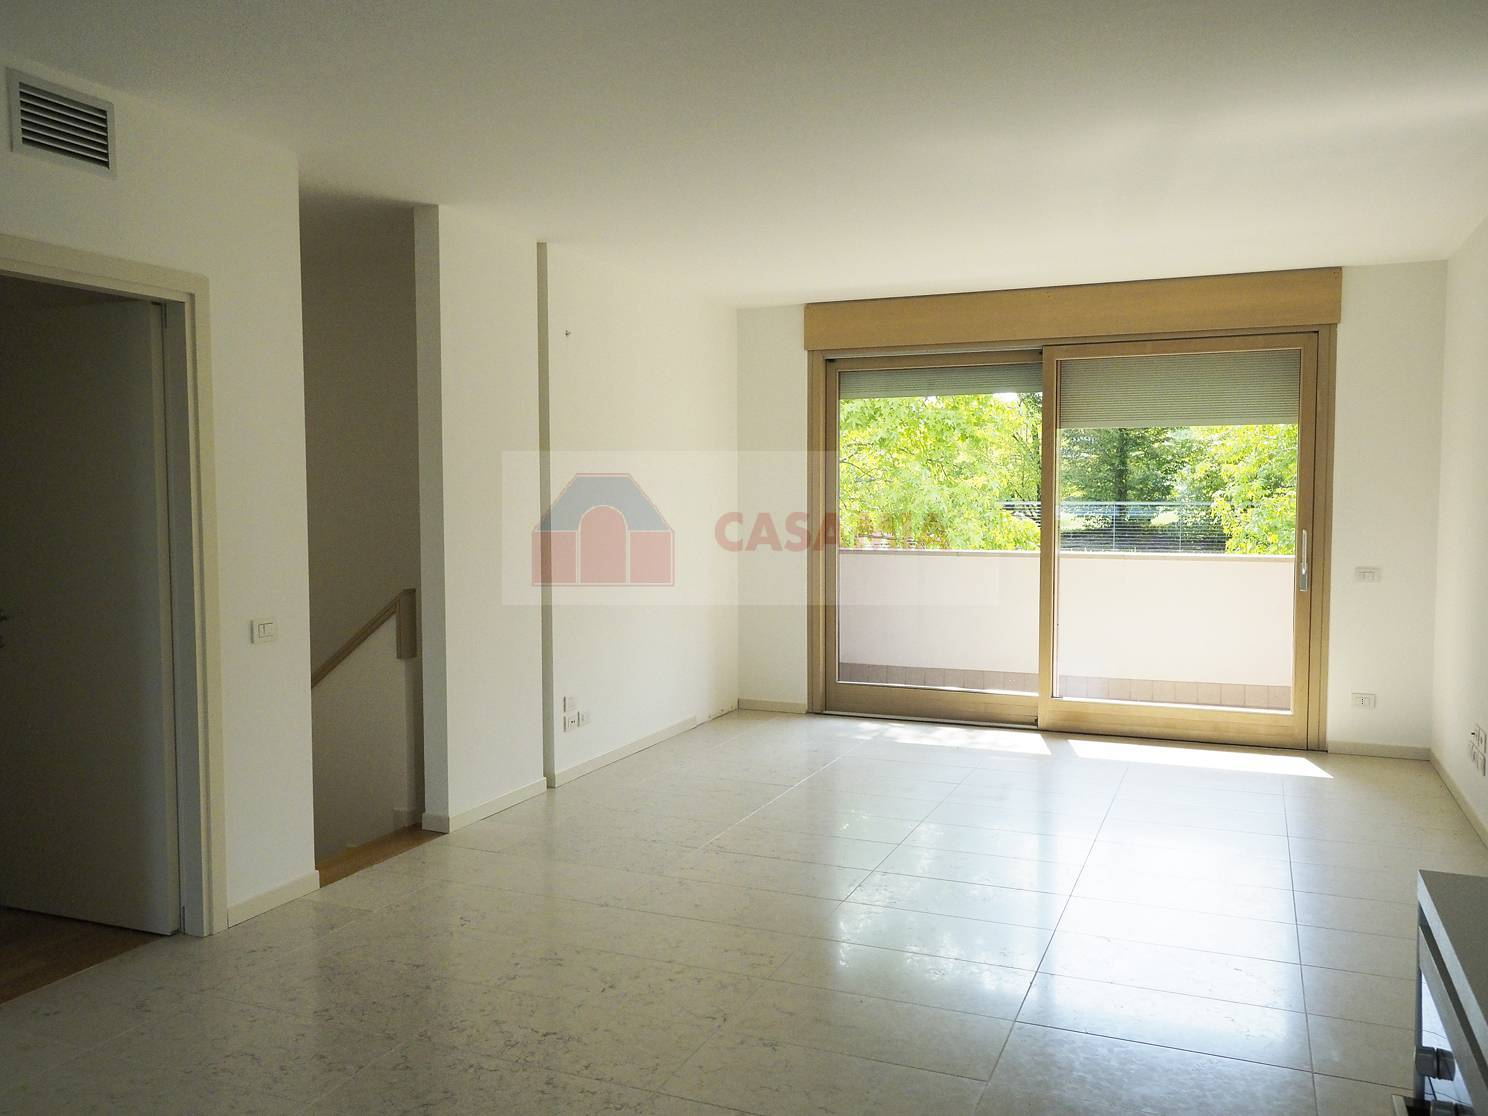 Appartamento in vendita a Oderzo, 8 locali, zona Località: Centro, prezzo € 295.000 | CambioCasa.it